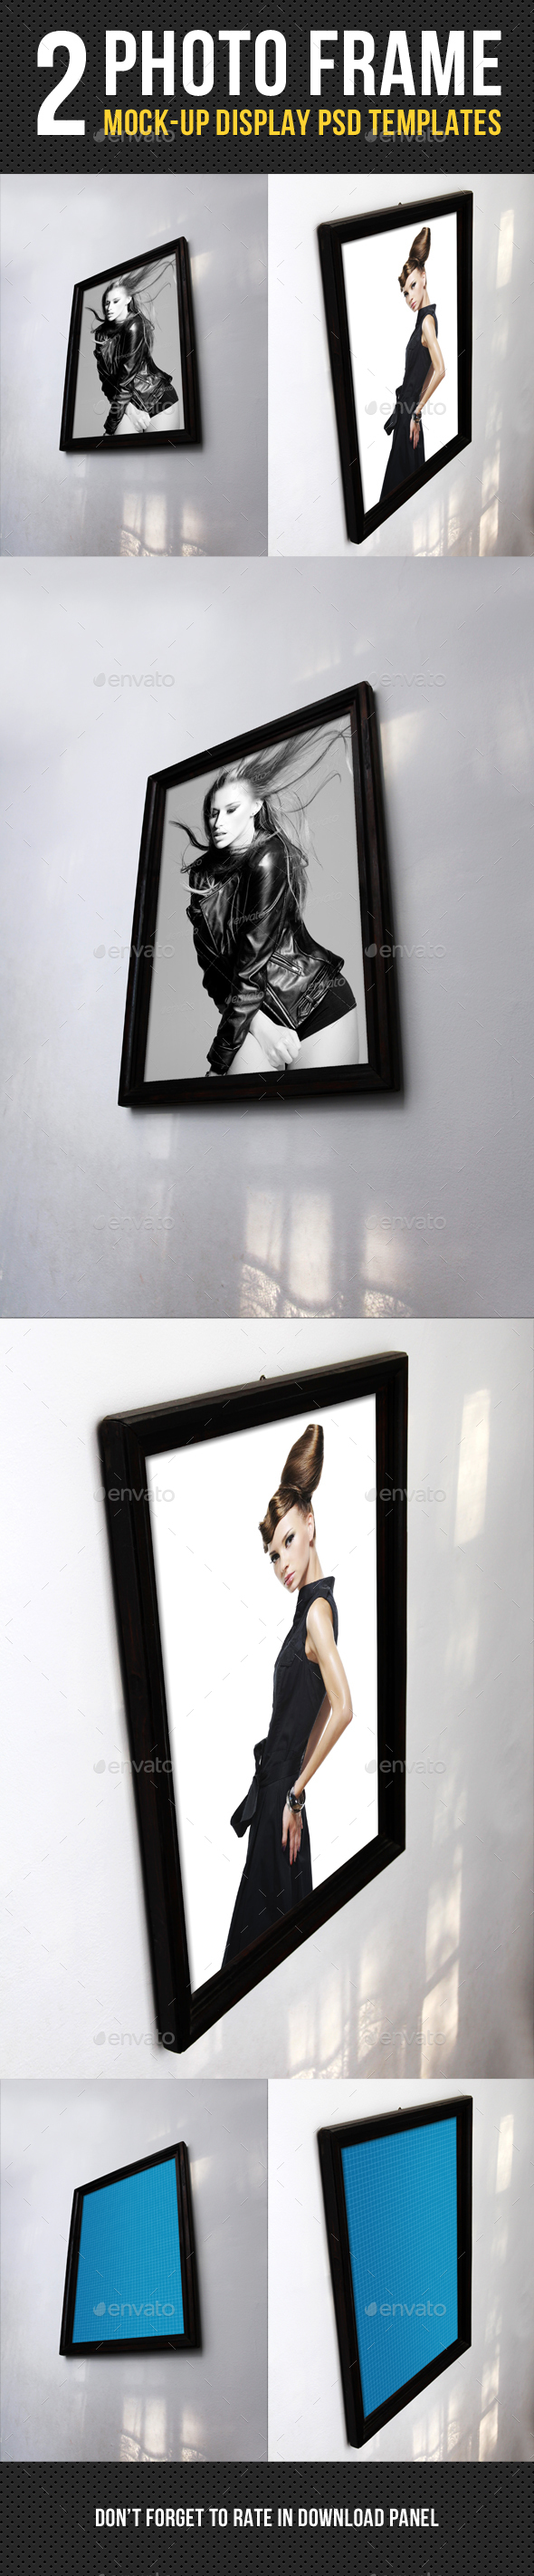 Photo Frame Mock-Up